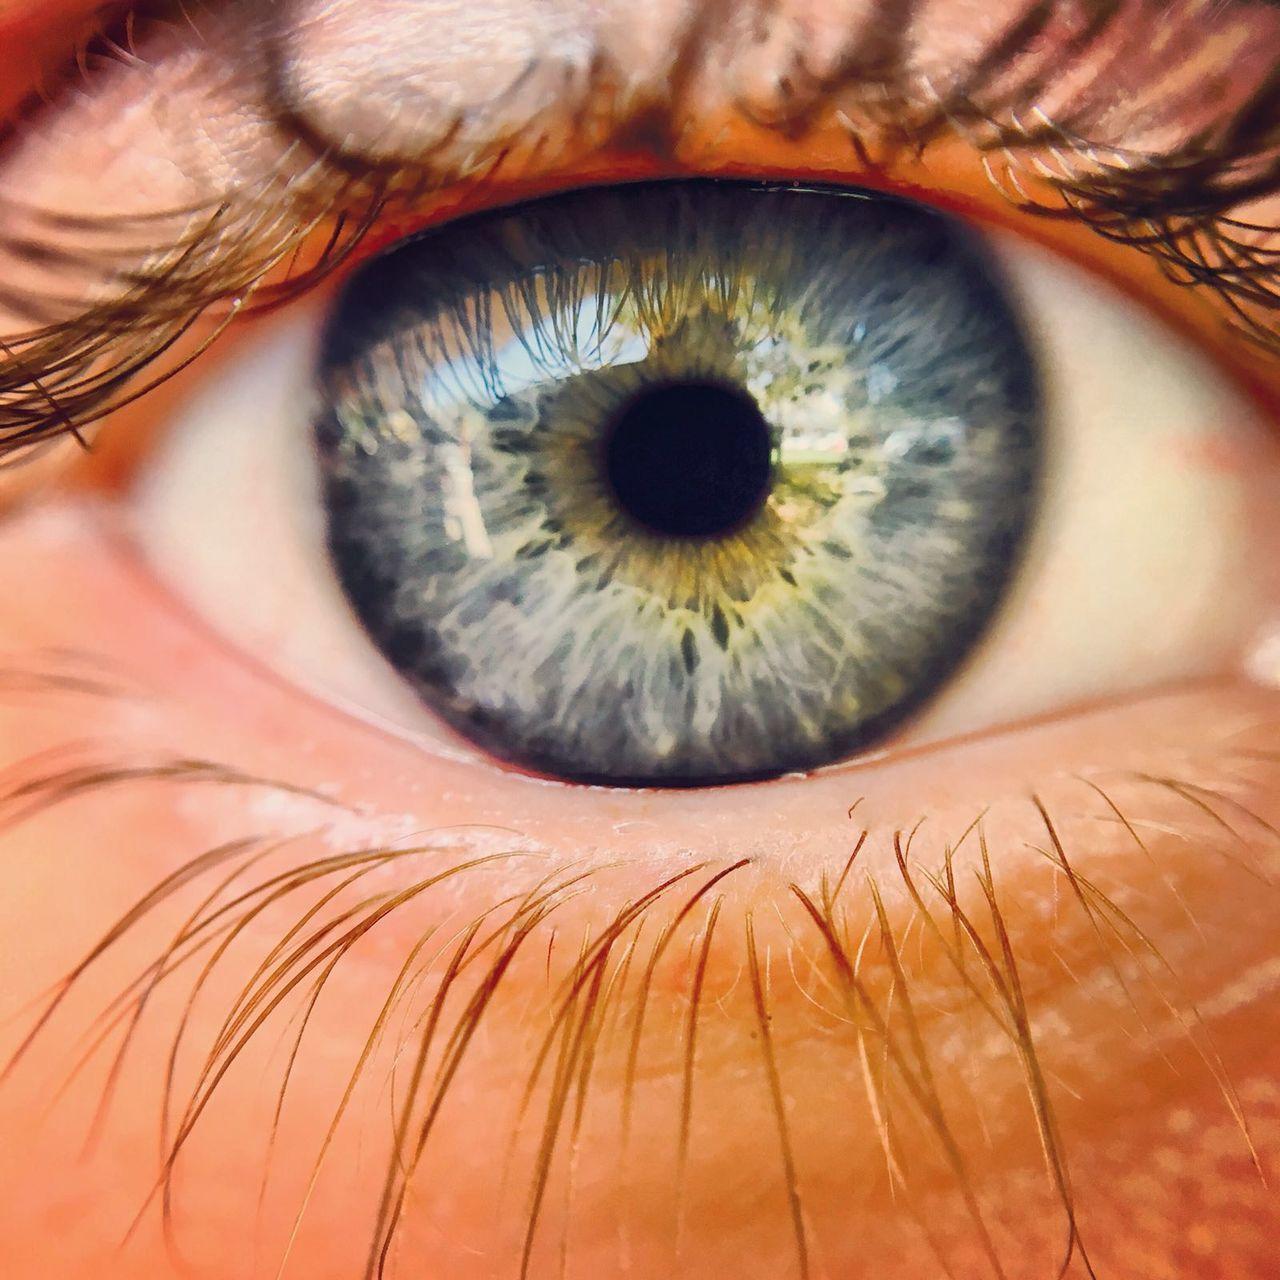 Macro eye Macro Photography Human Eye Human Body Part Eyesight Eyelash Eyeball Extreme Close-up Iris - Eye Close-up People One Person Adult Day Unique Blue Blue Eyes EyeEmNewHere